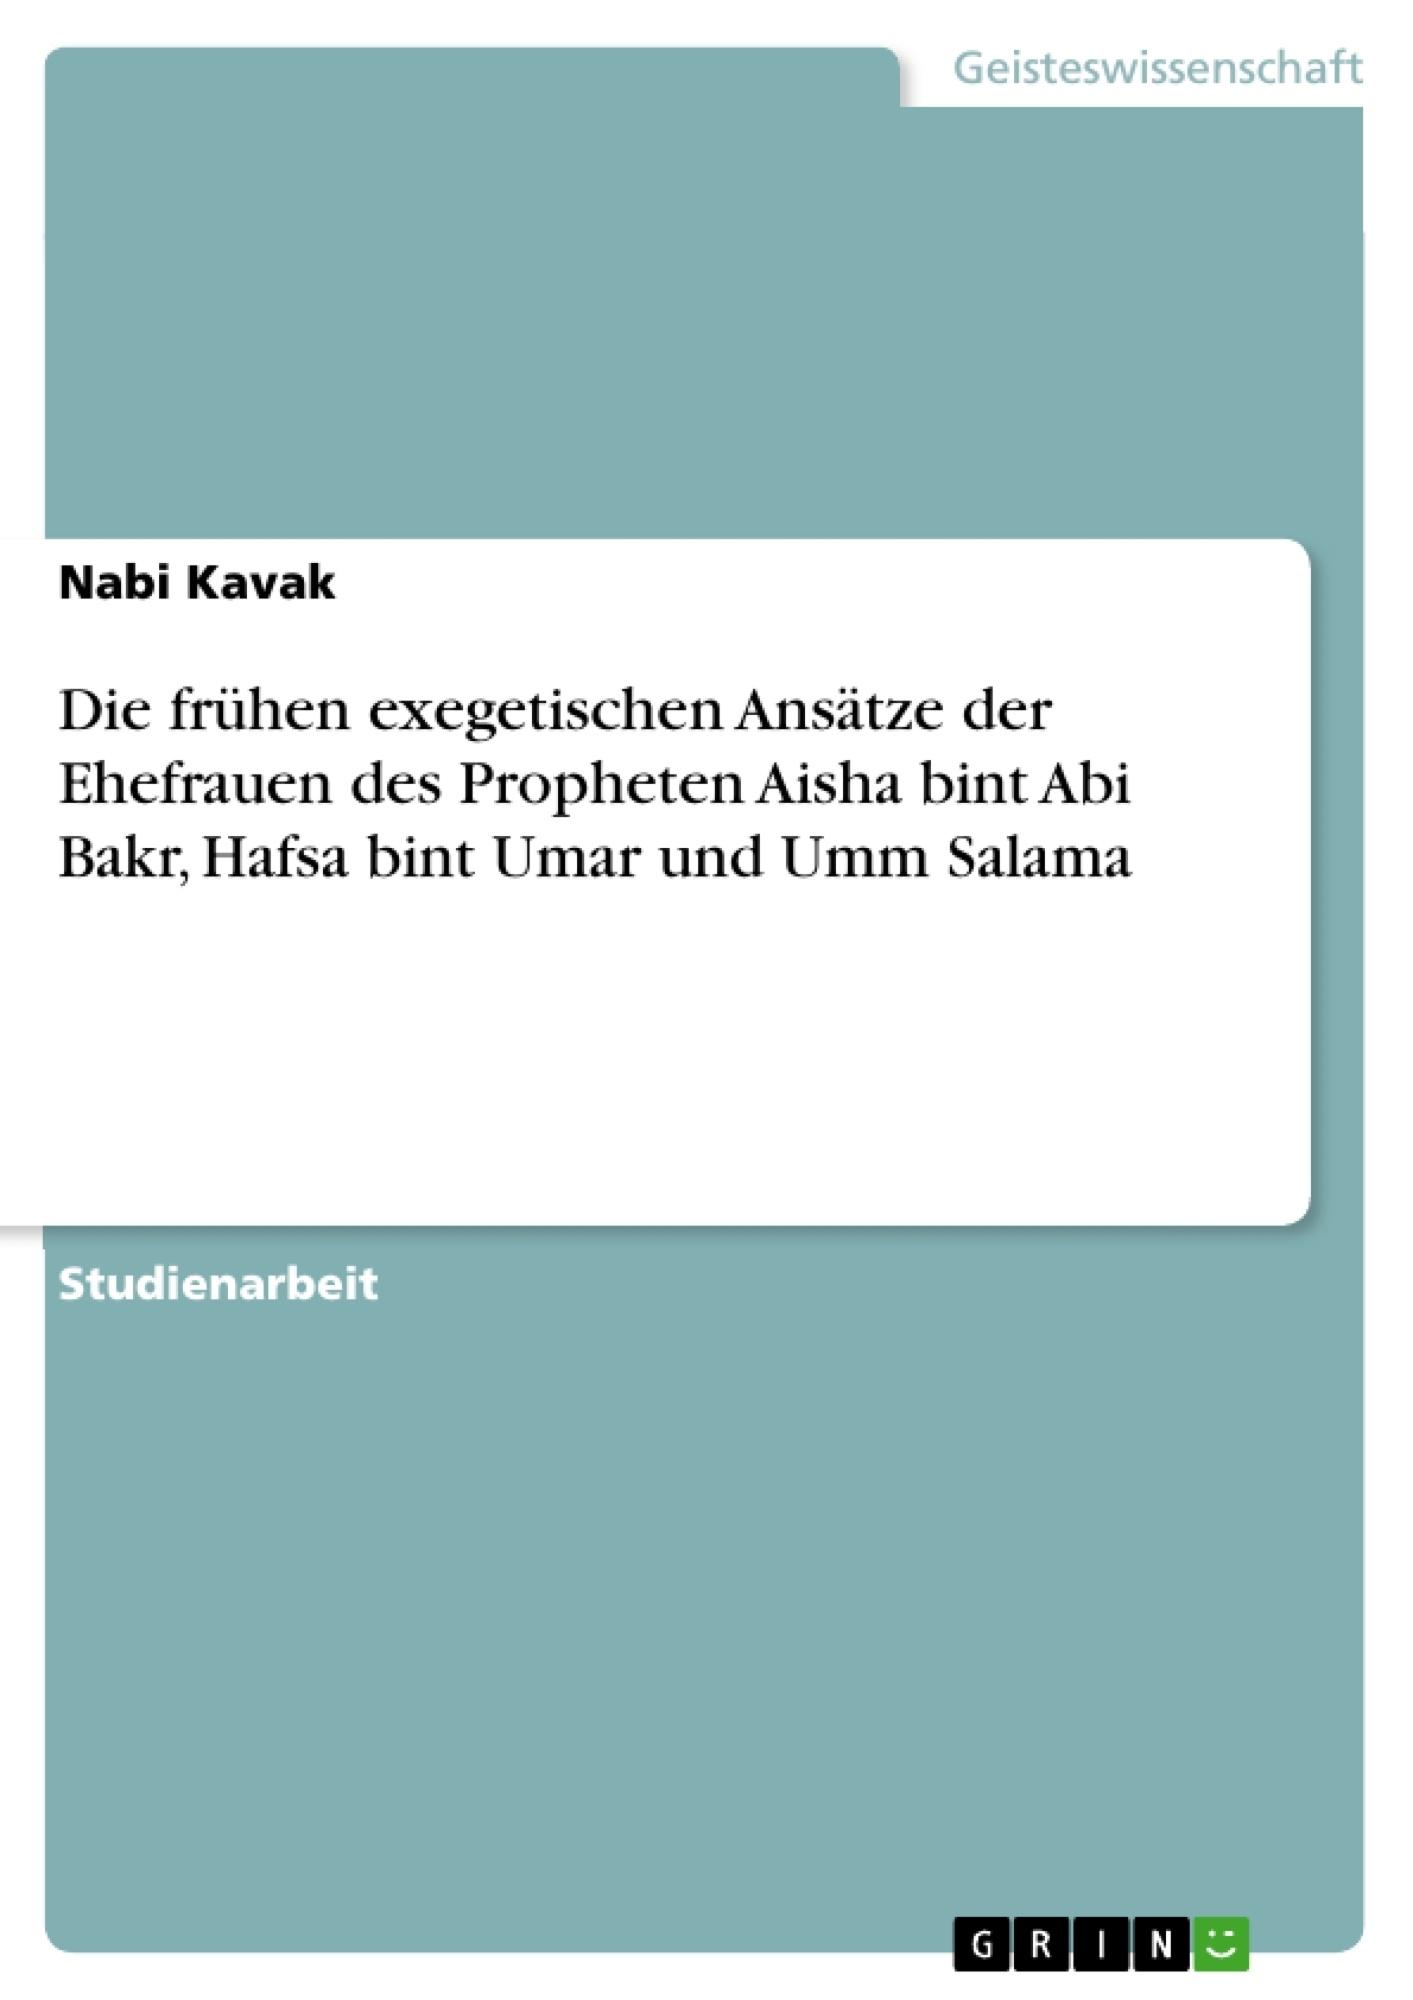 Titel: Die frühen exegetischen Ansätze der Ehefrauen des Propheten Aisha bint Abi Bakr, Hafsa bint Umar und Umm Salama